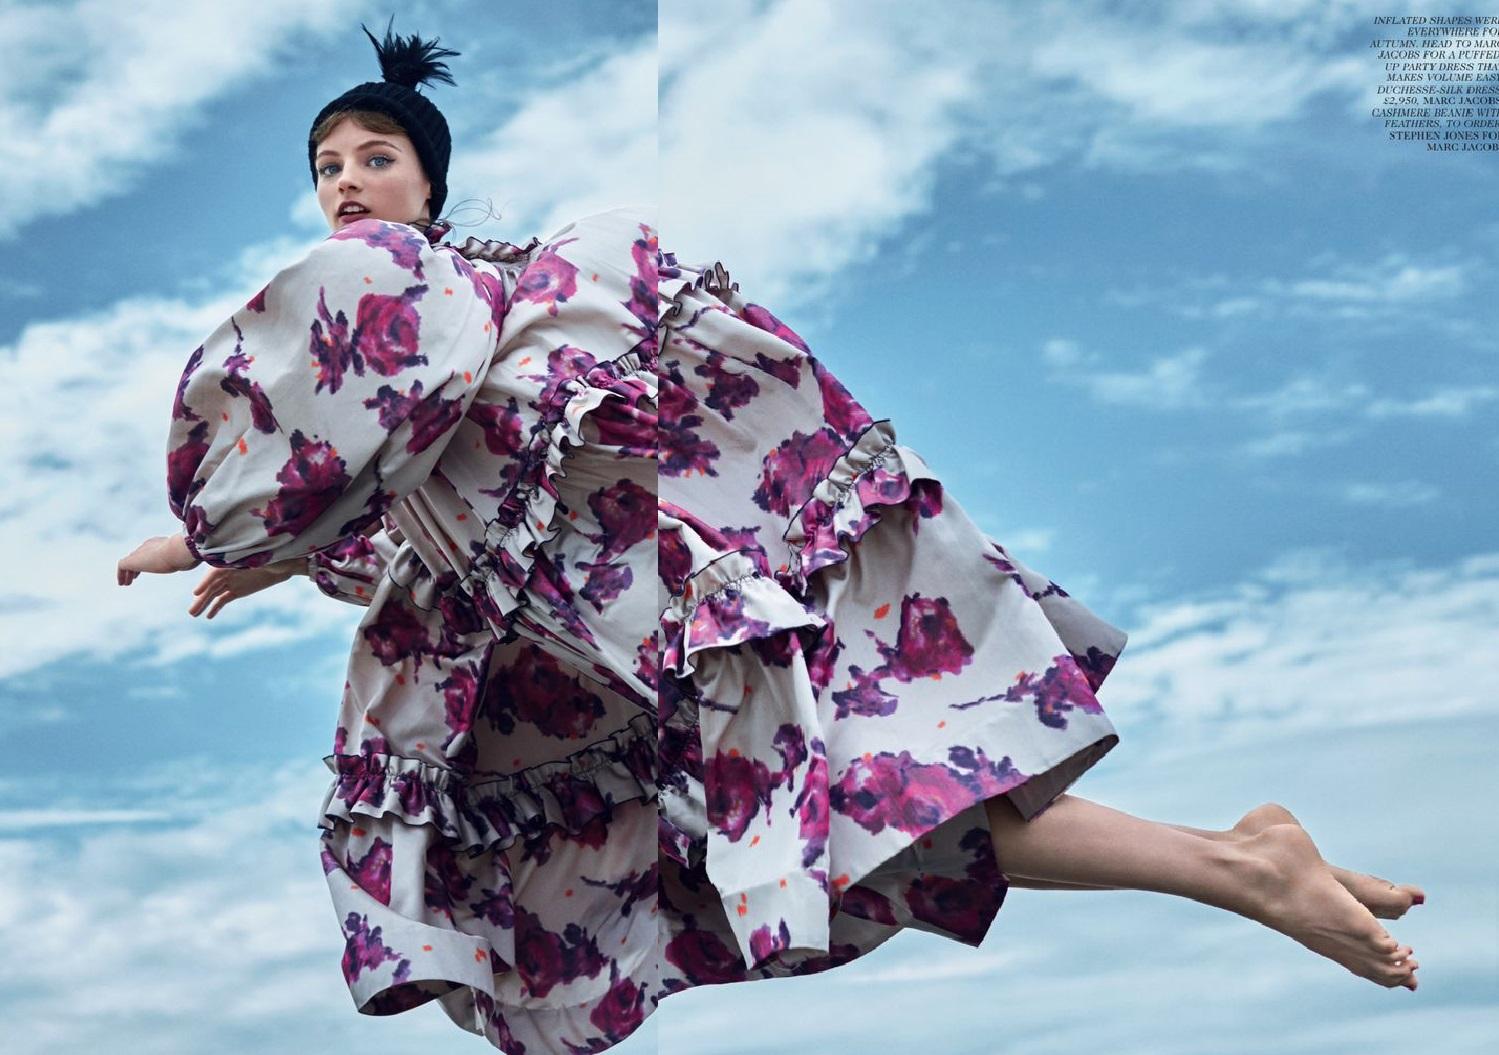 Fran Summers by Arthur Elgort for Vogue UK Sept 2019 (6).jpg